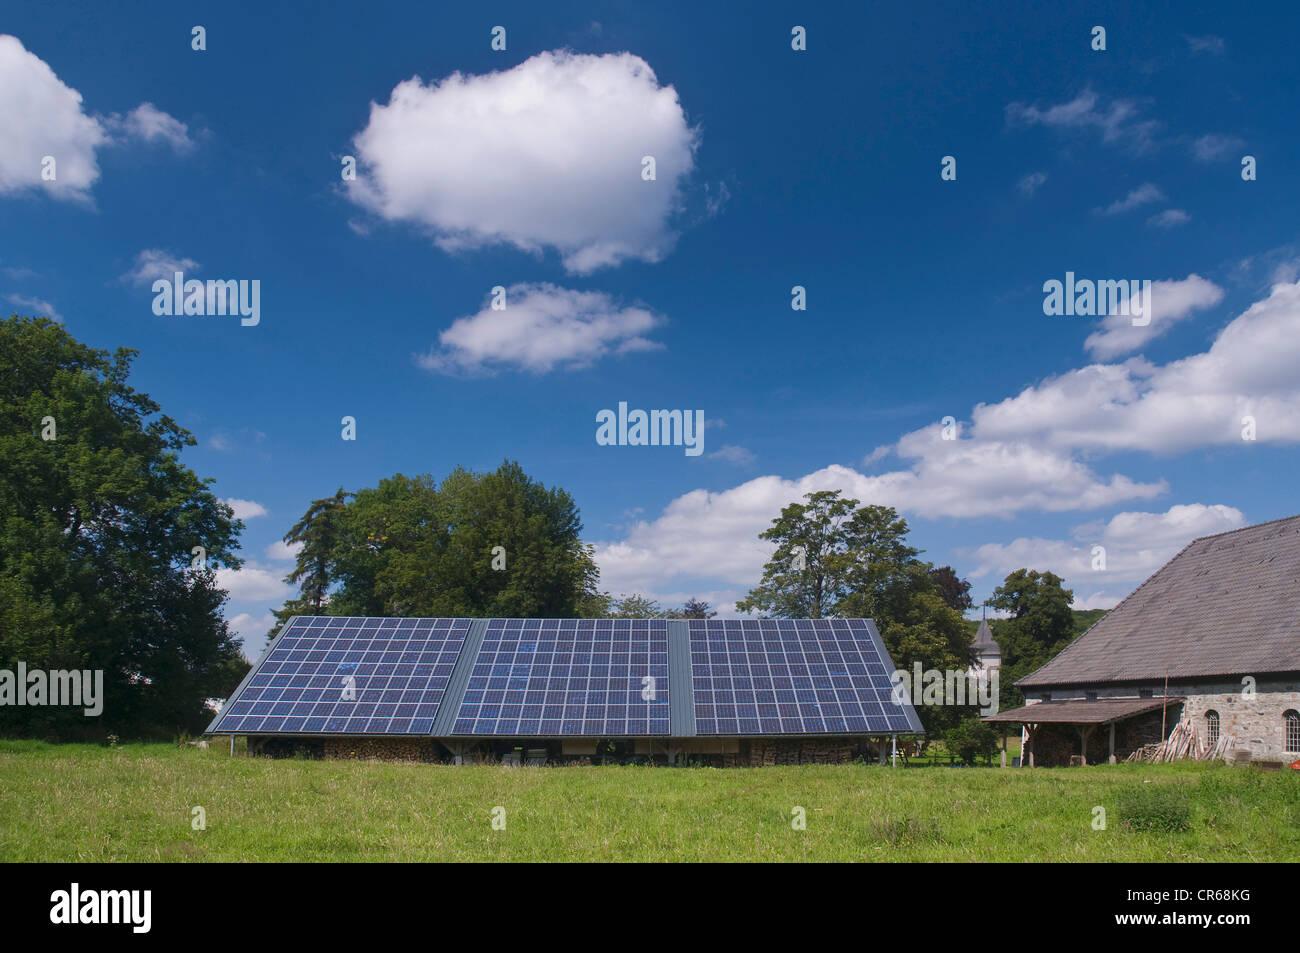 Paneles solares en el tejado de un cobertizo, junto a una granja, PublicGround Imagen De Stock